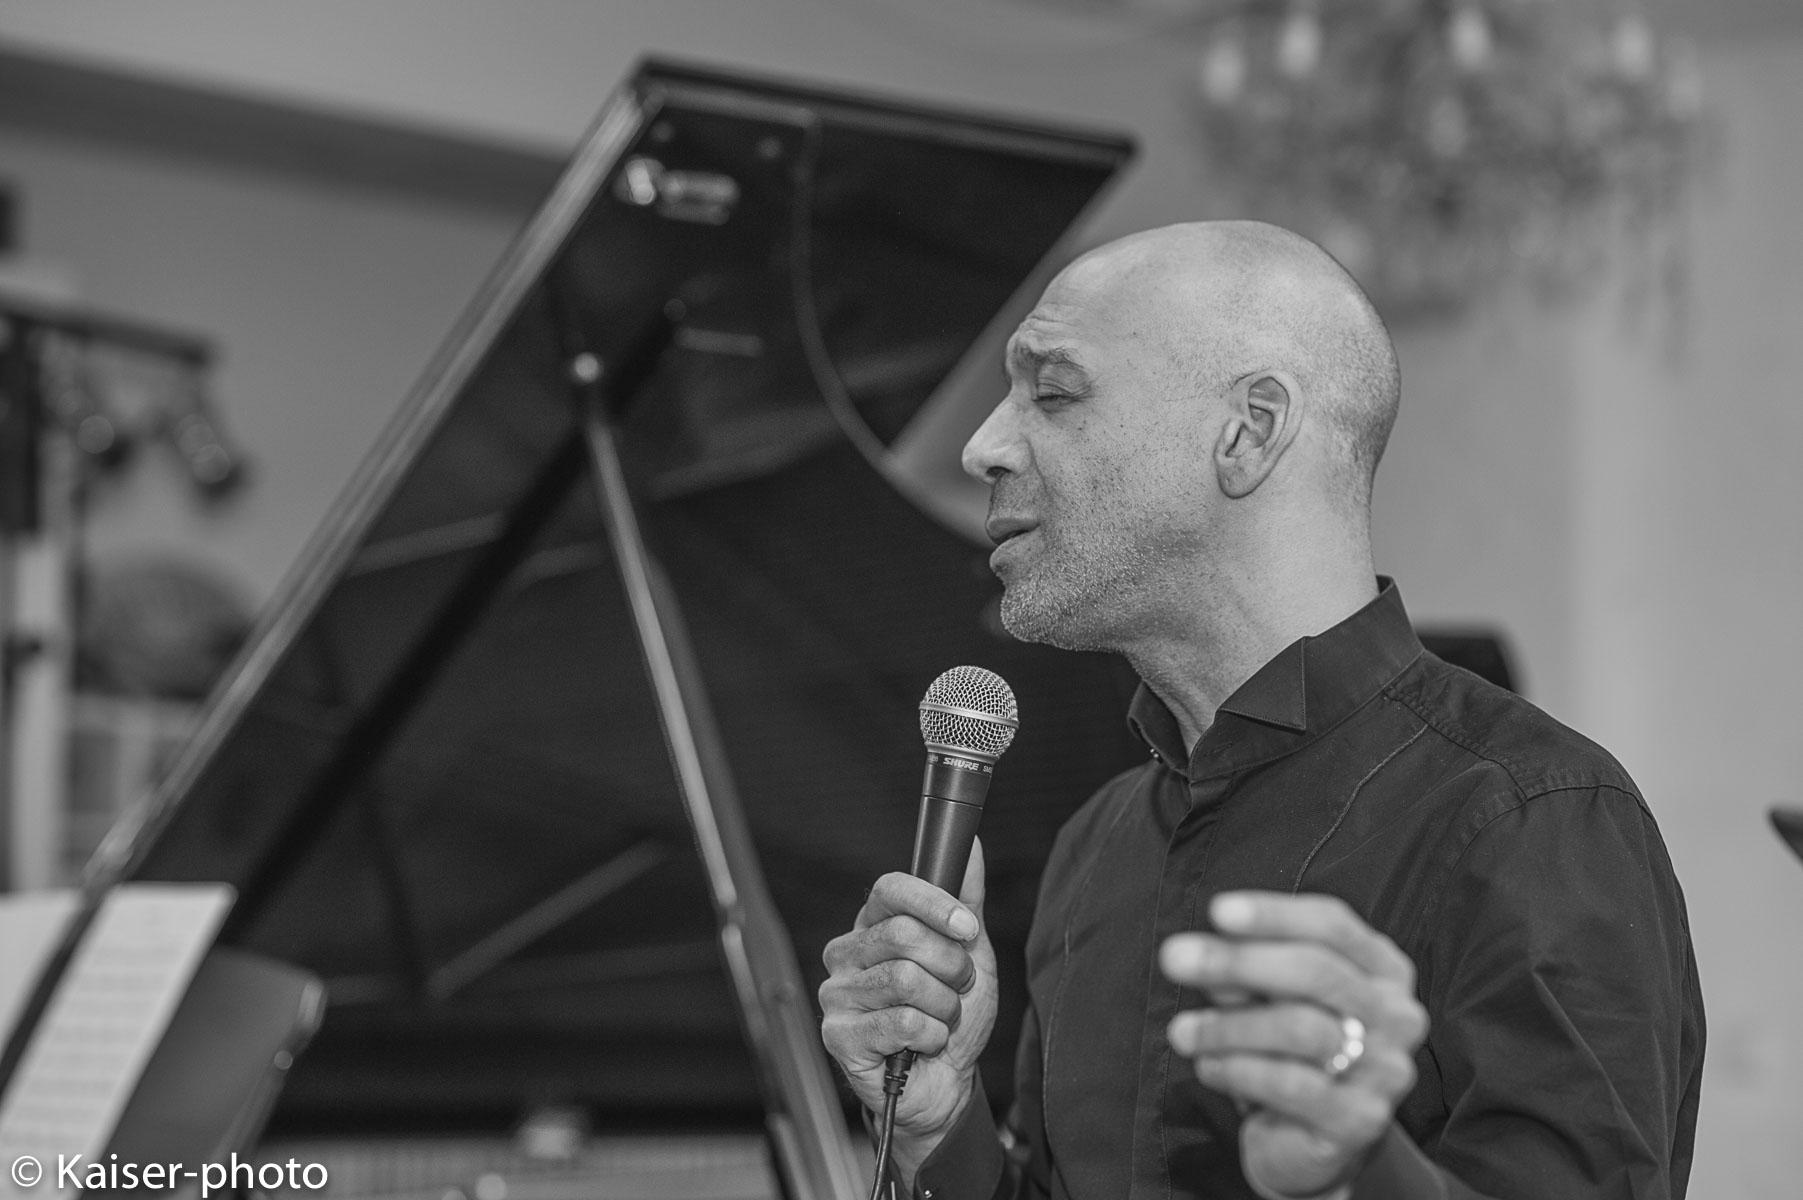 Kenneth Norris singing with Buggy Braune Trio in Concert. Kenneth Norris US-Sänger im Konzert der Alten Druckerei